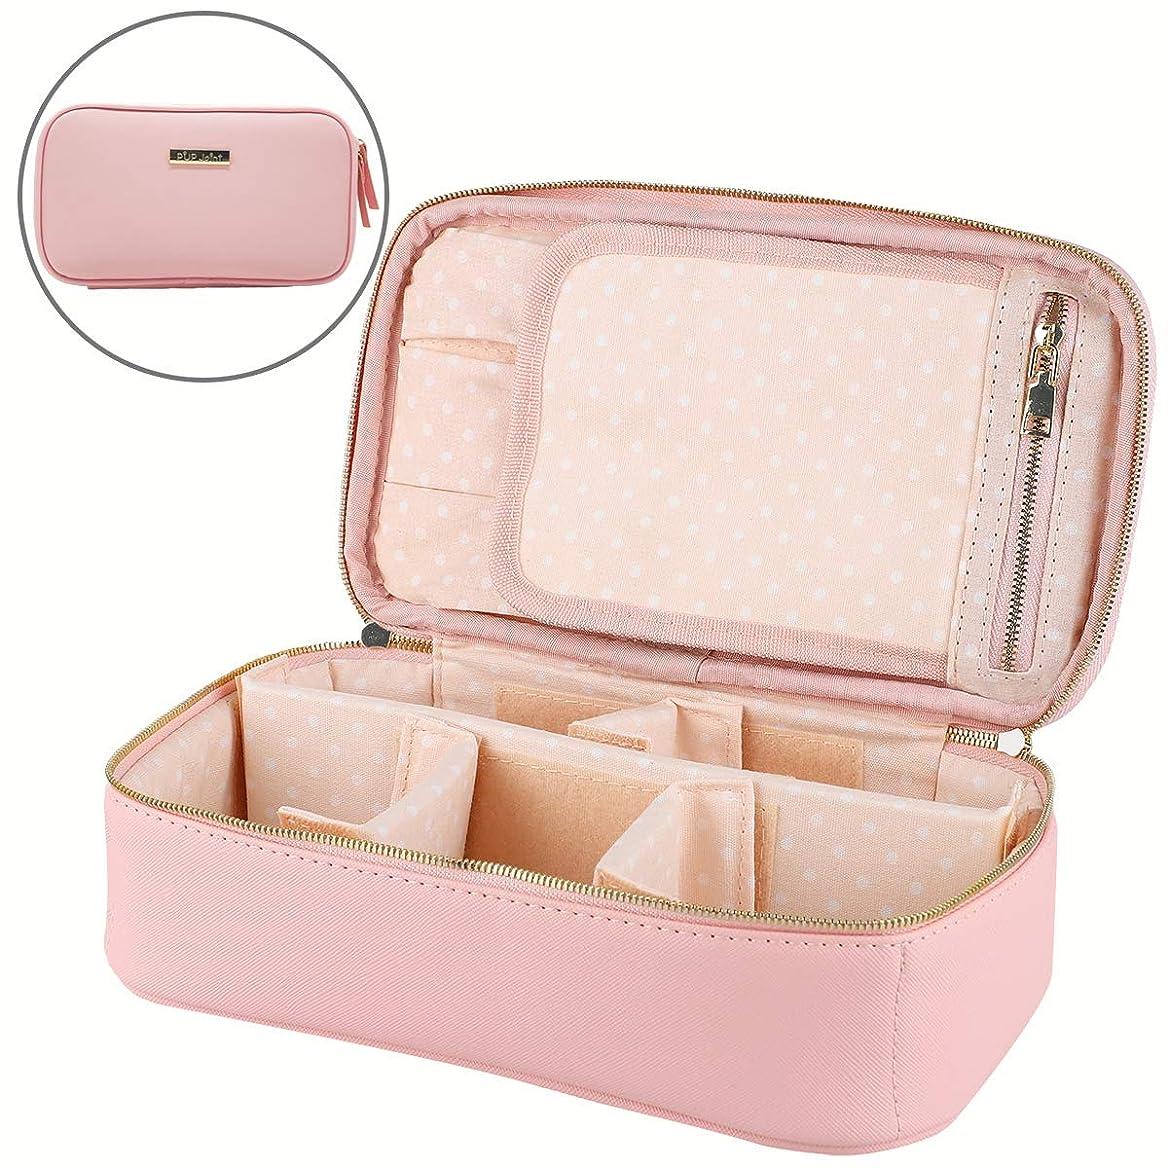 重々しい減少極めて重要なPUP Joint 化粧ポーチ メイクボックス 收納抜群 大容量 可愛い 化粧バッグ 可愛い 旅行 家用に大活躍な化粧箱